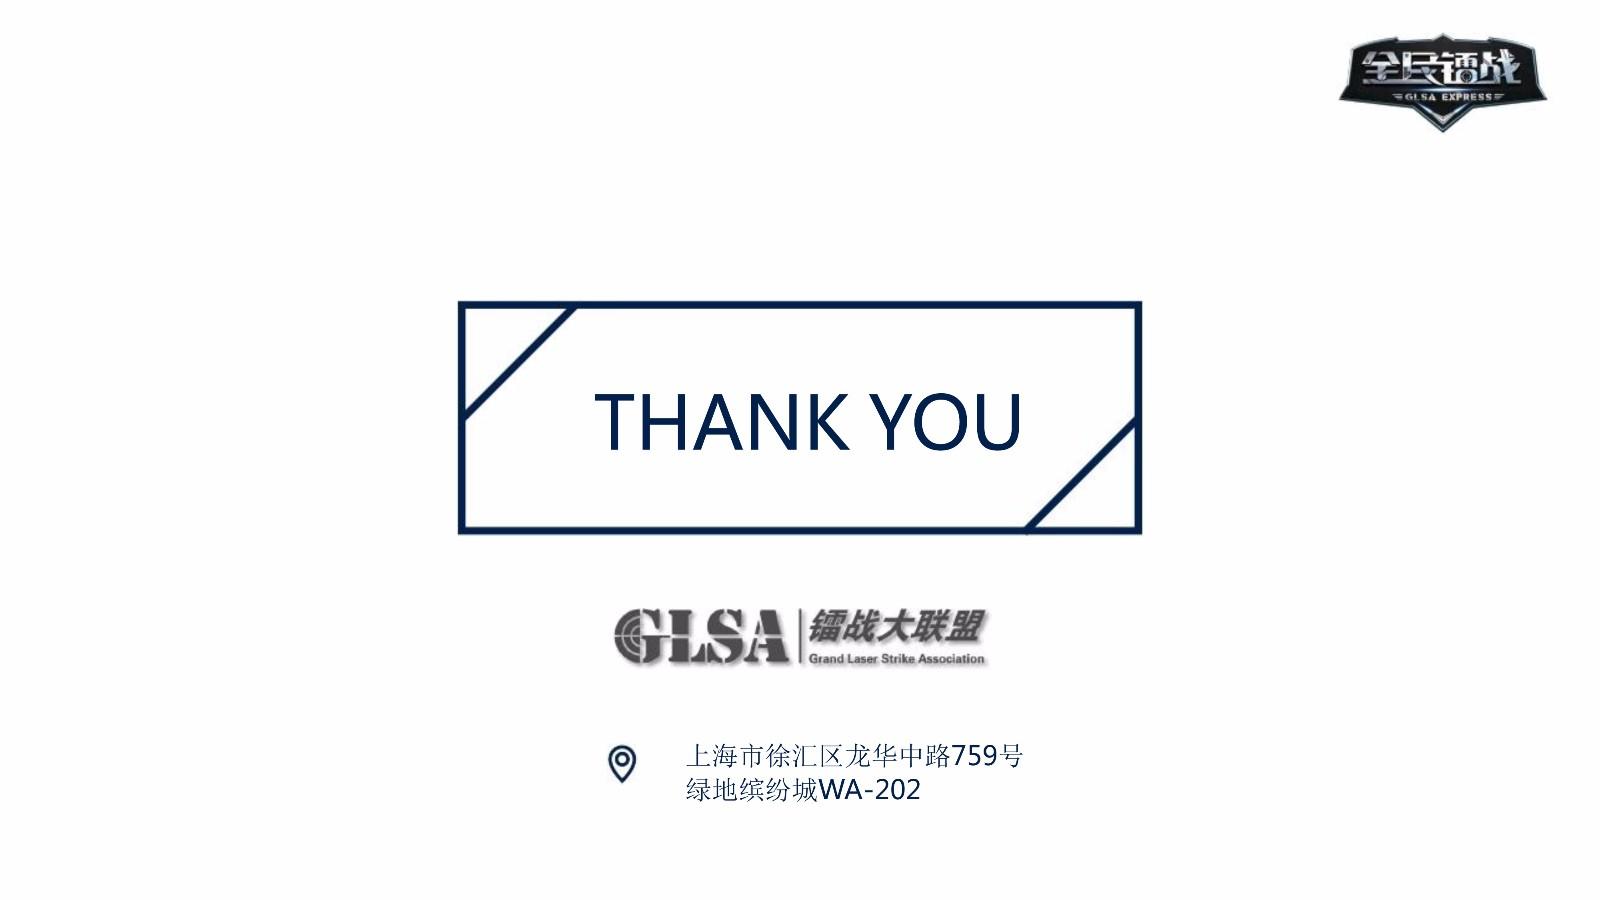 全民镭战射击大赛2018-亲子赛(2)-16.jpg